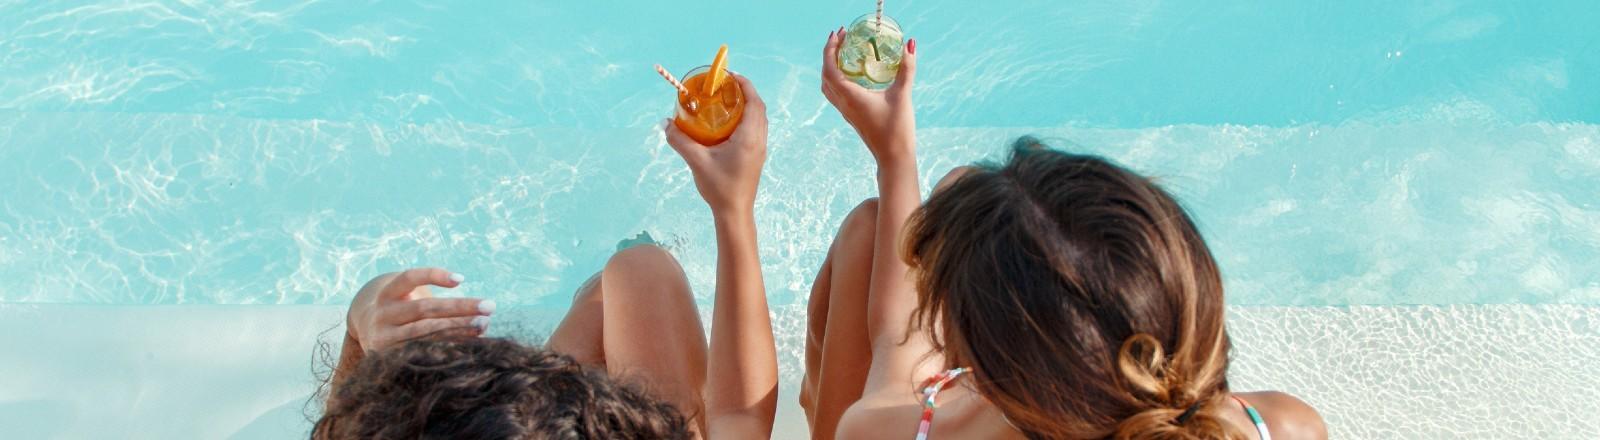 Zwei junge Frauen in Badeanzügen entspannen und trinken tropische Cocktails am Pool.